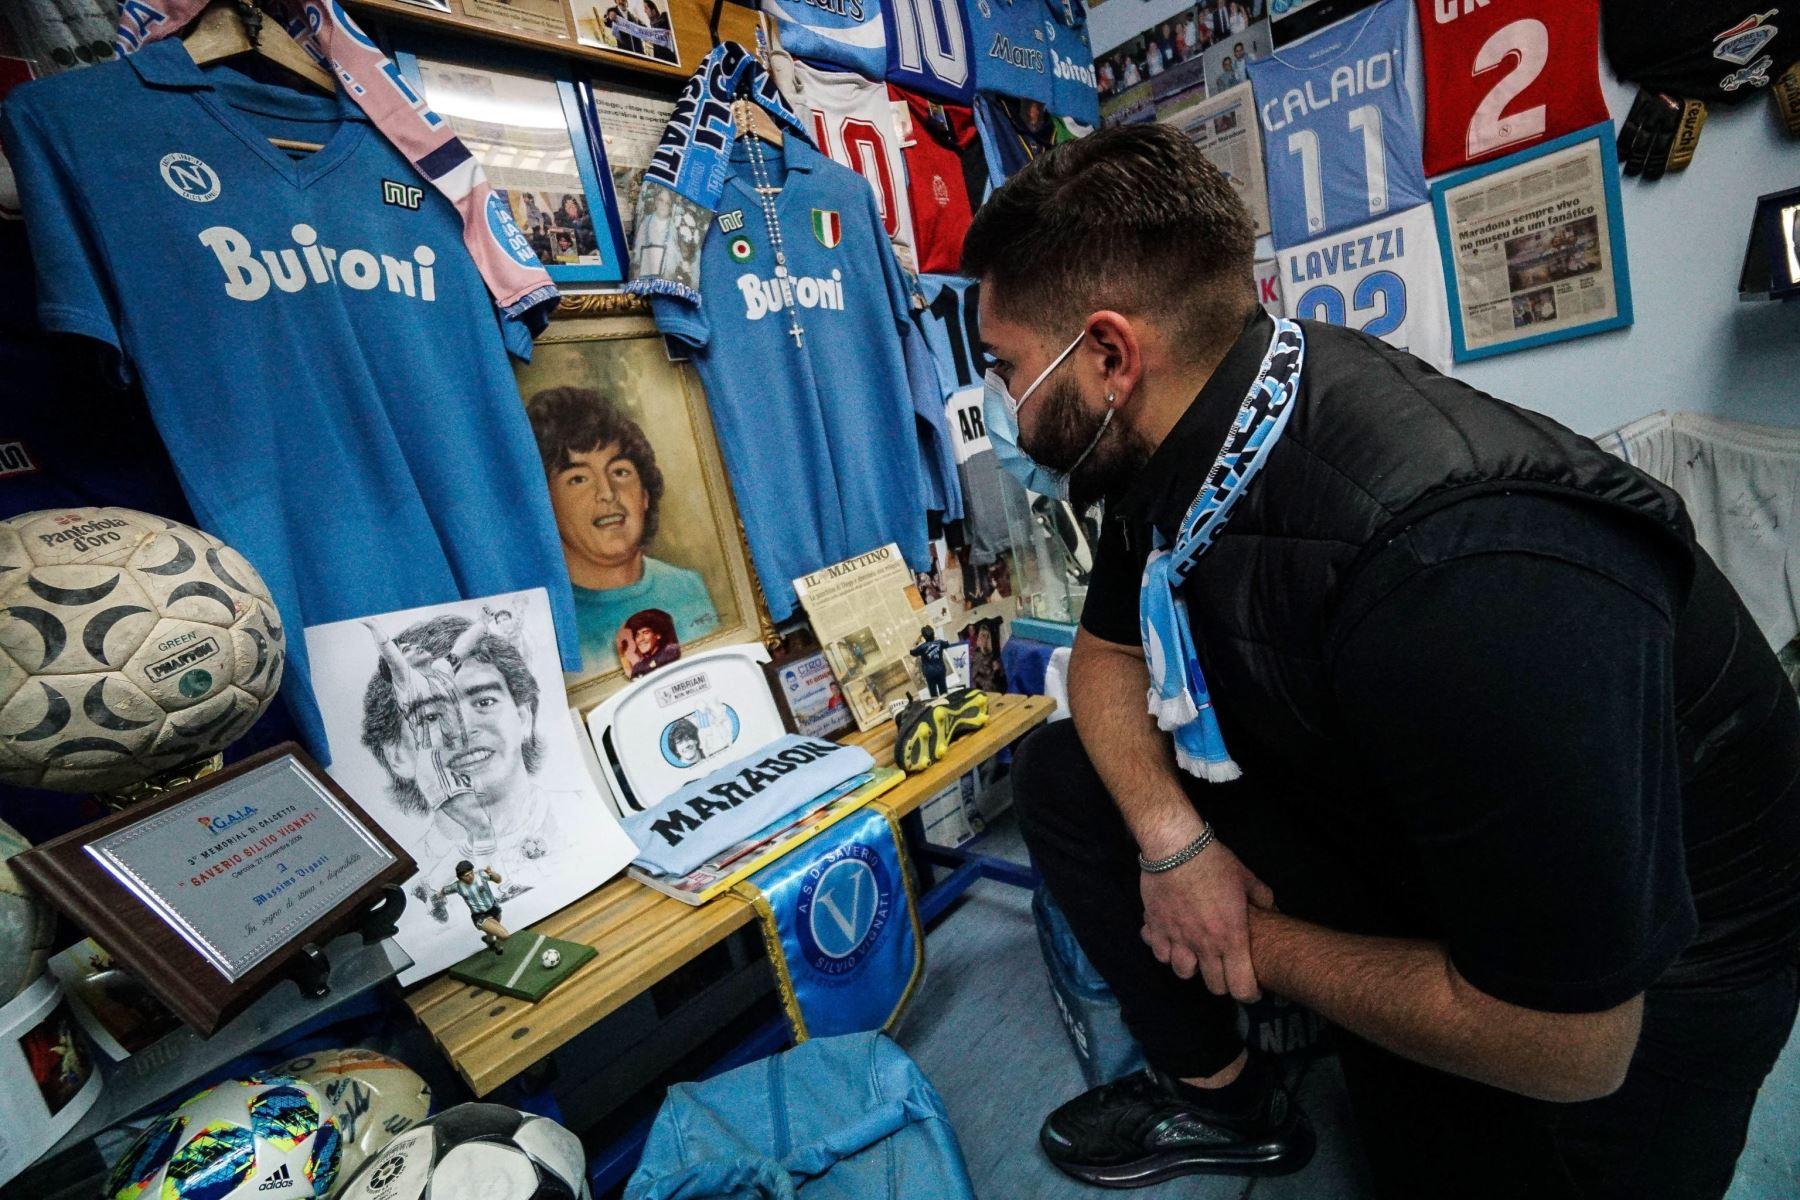 Parte del museo Maradona de la familia Vignati, una de las colecciones más completas de recuerdos deportivos pertenecientes a Diego Armando Maradona en el mundo, en Secondigliano, cerca de Nápoles, Italia. Foto: EFE